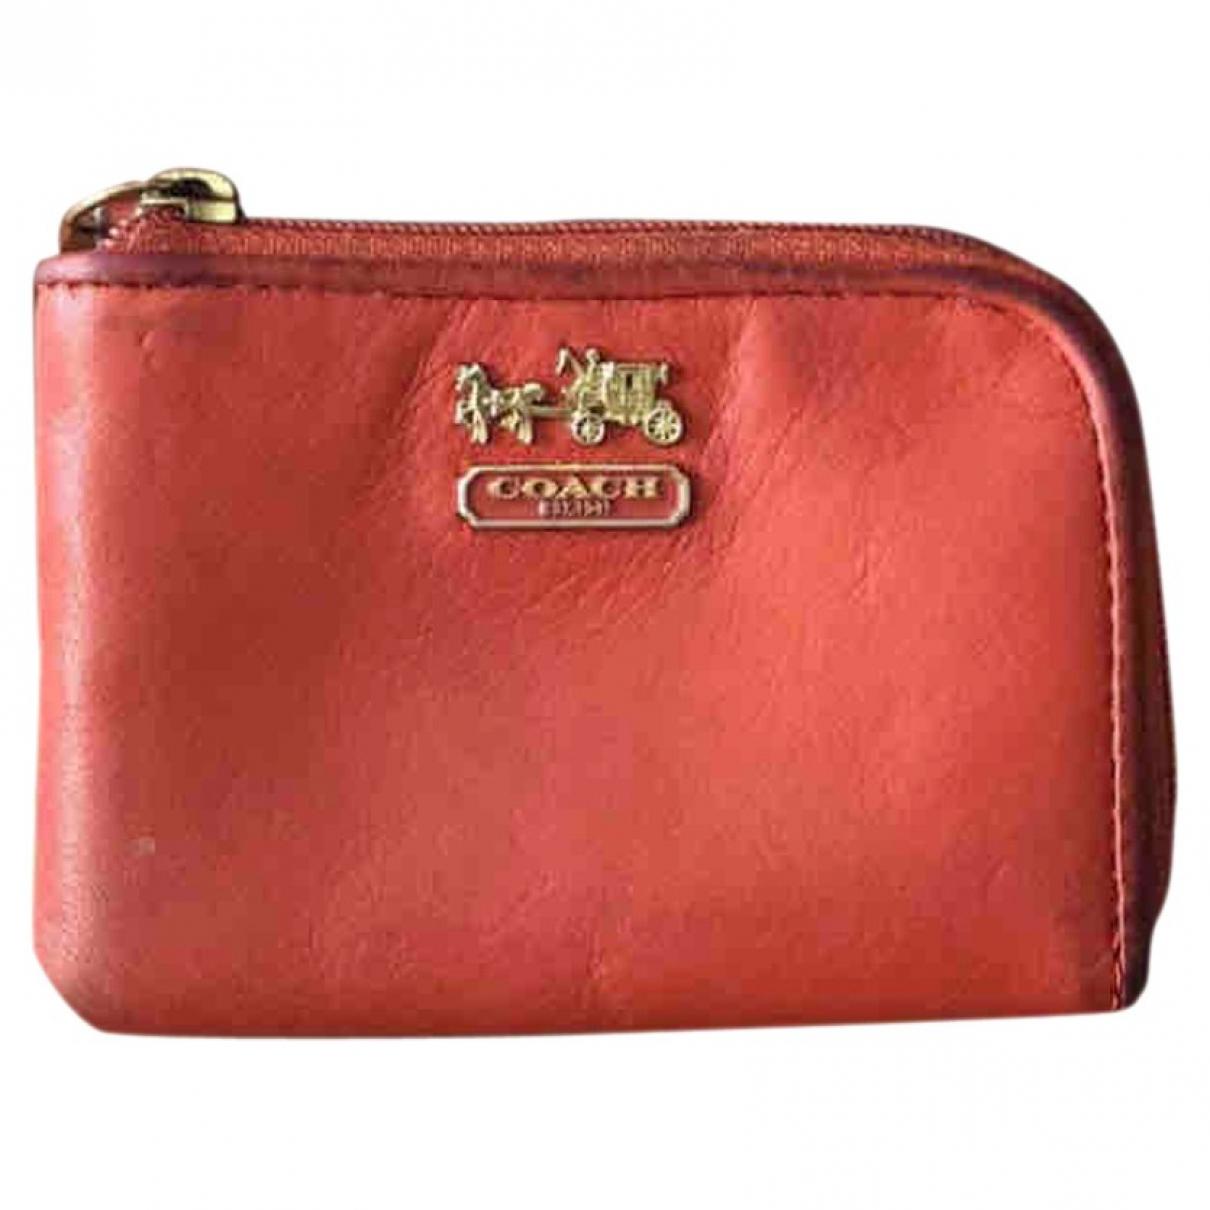 Coach \N Orange Leather wallet for Women \N